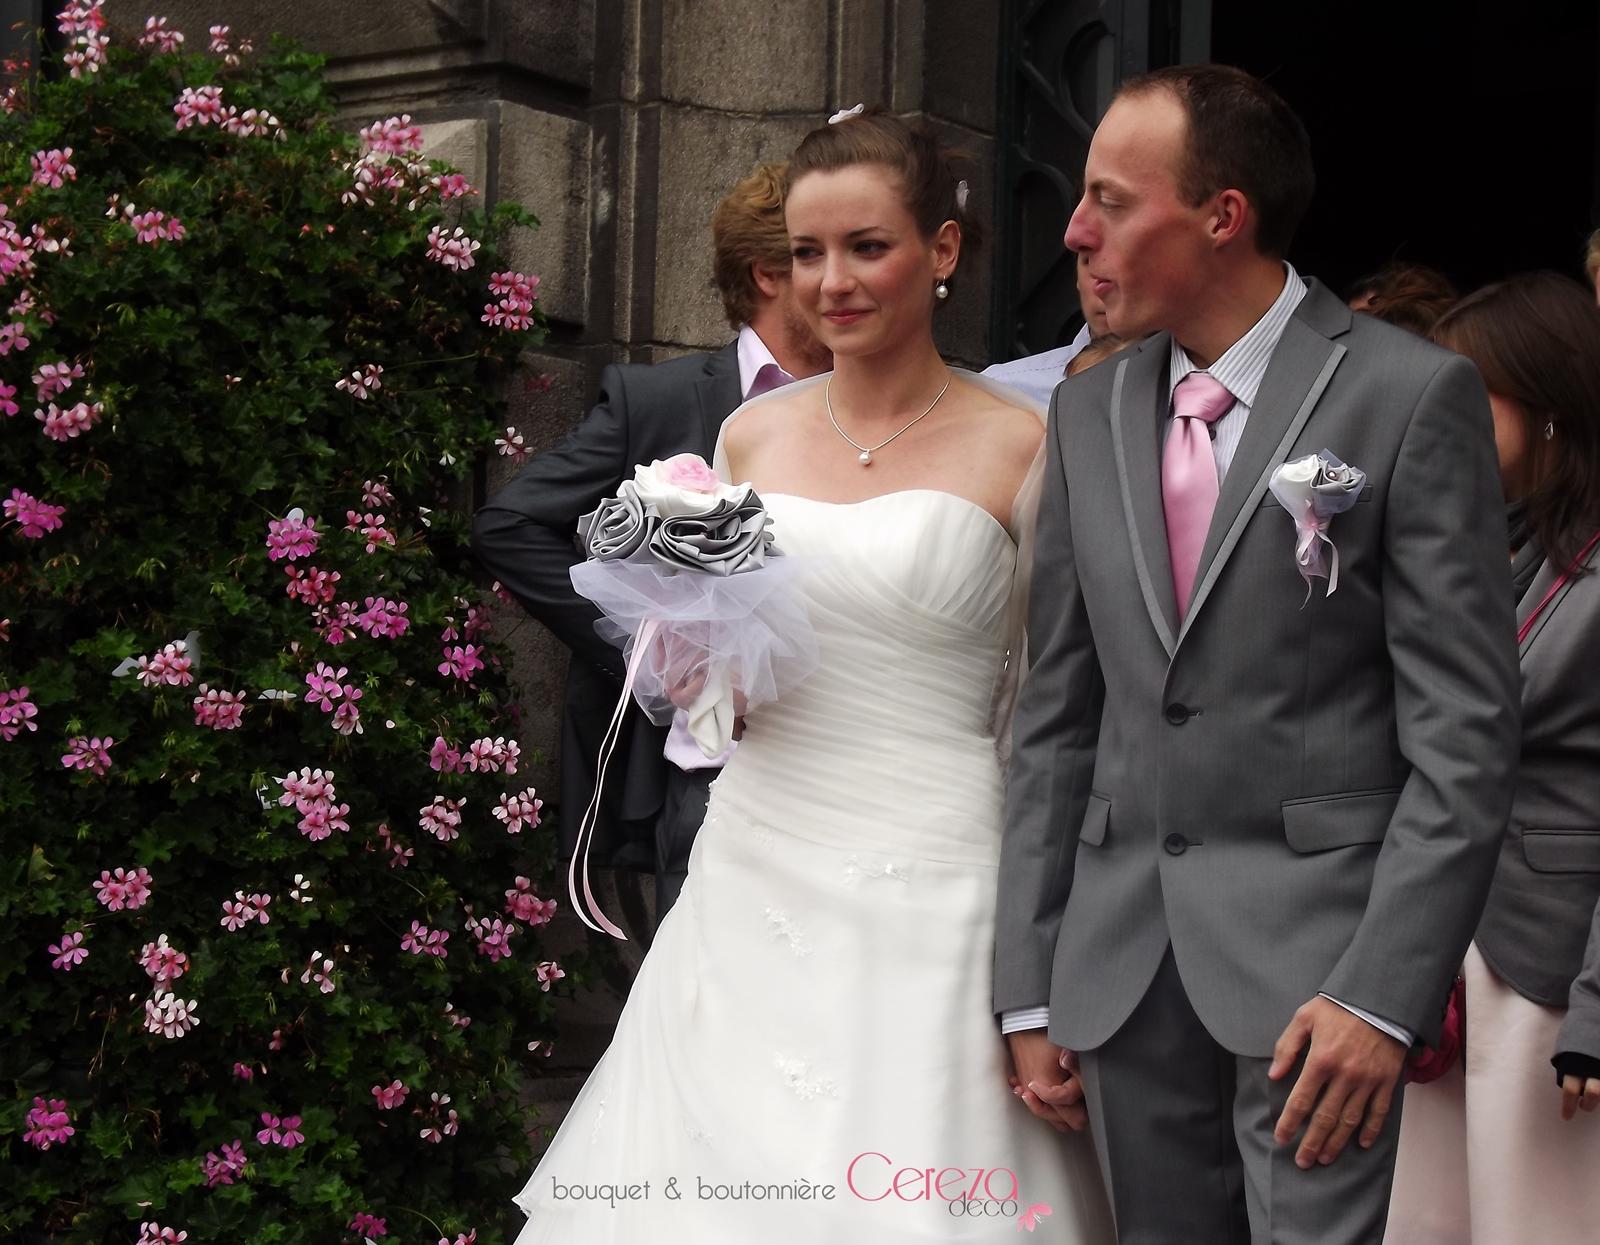 mariage en rose gris argent et ivoire anne sophie melle cereza blog mariage original. Black Bedroom Furniture Sets. Home Design Ideas